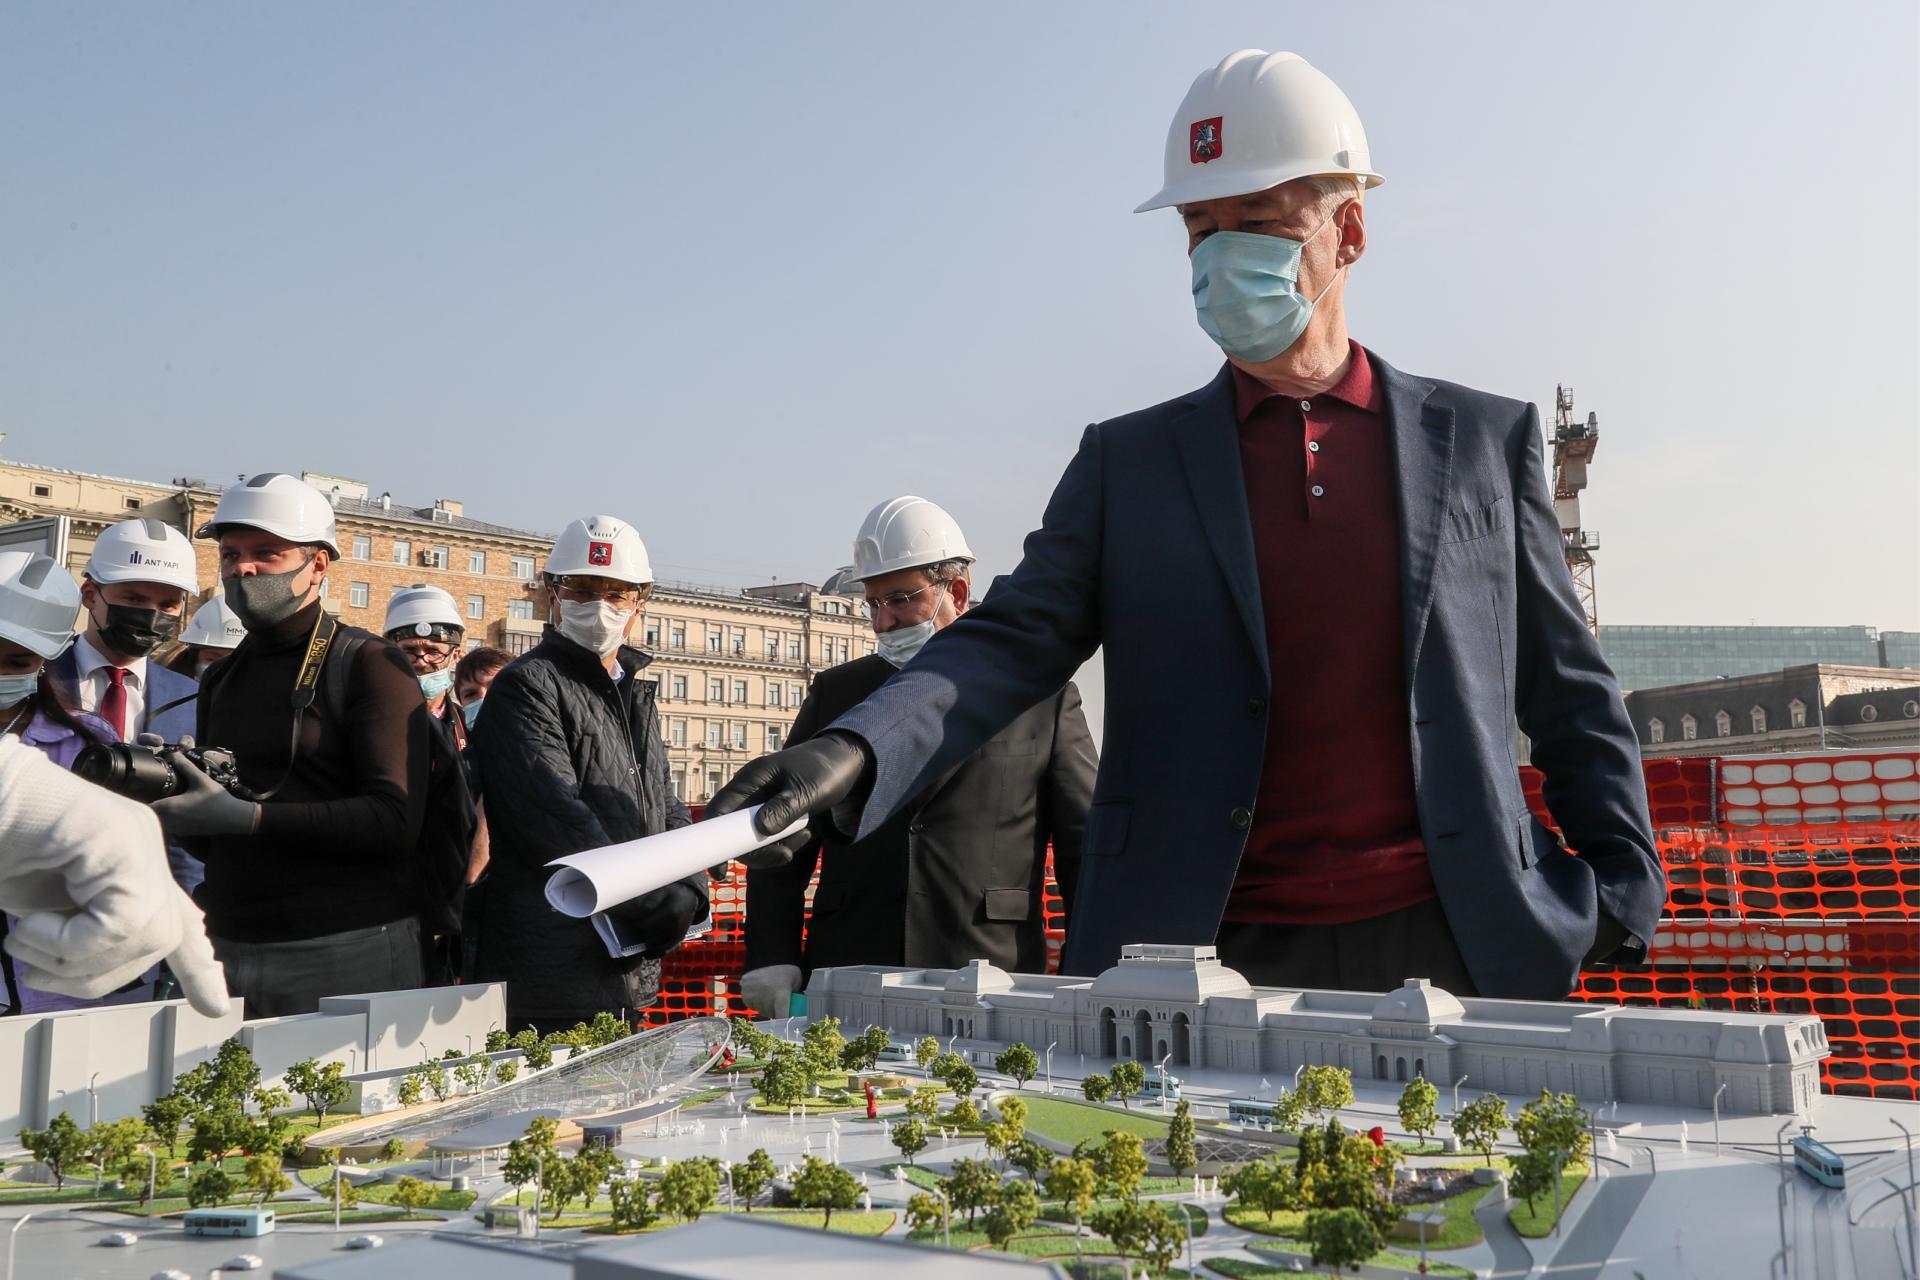 Мэр Москвы Сергей Собянин у макета площади Павелецкого вокзала во время осмотра хода реконструкции. Проект реконструкции площади планируется реализовать до конца 2021 года. На площади будут подземный торговый центр и транспортно-пересадочный узел